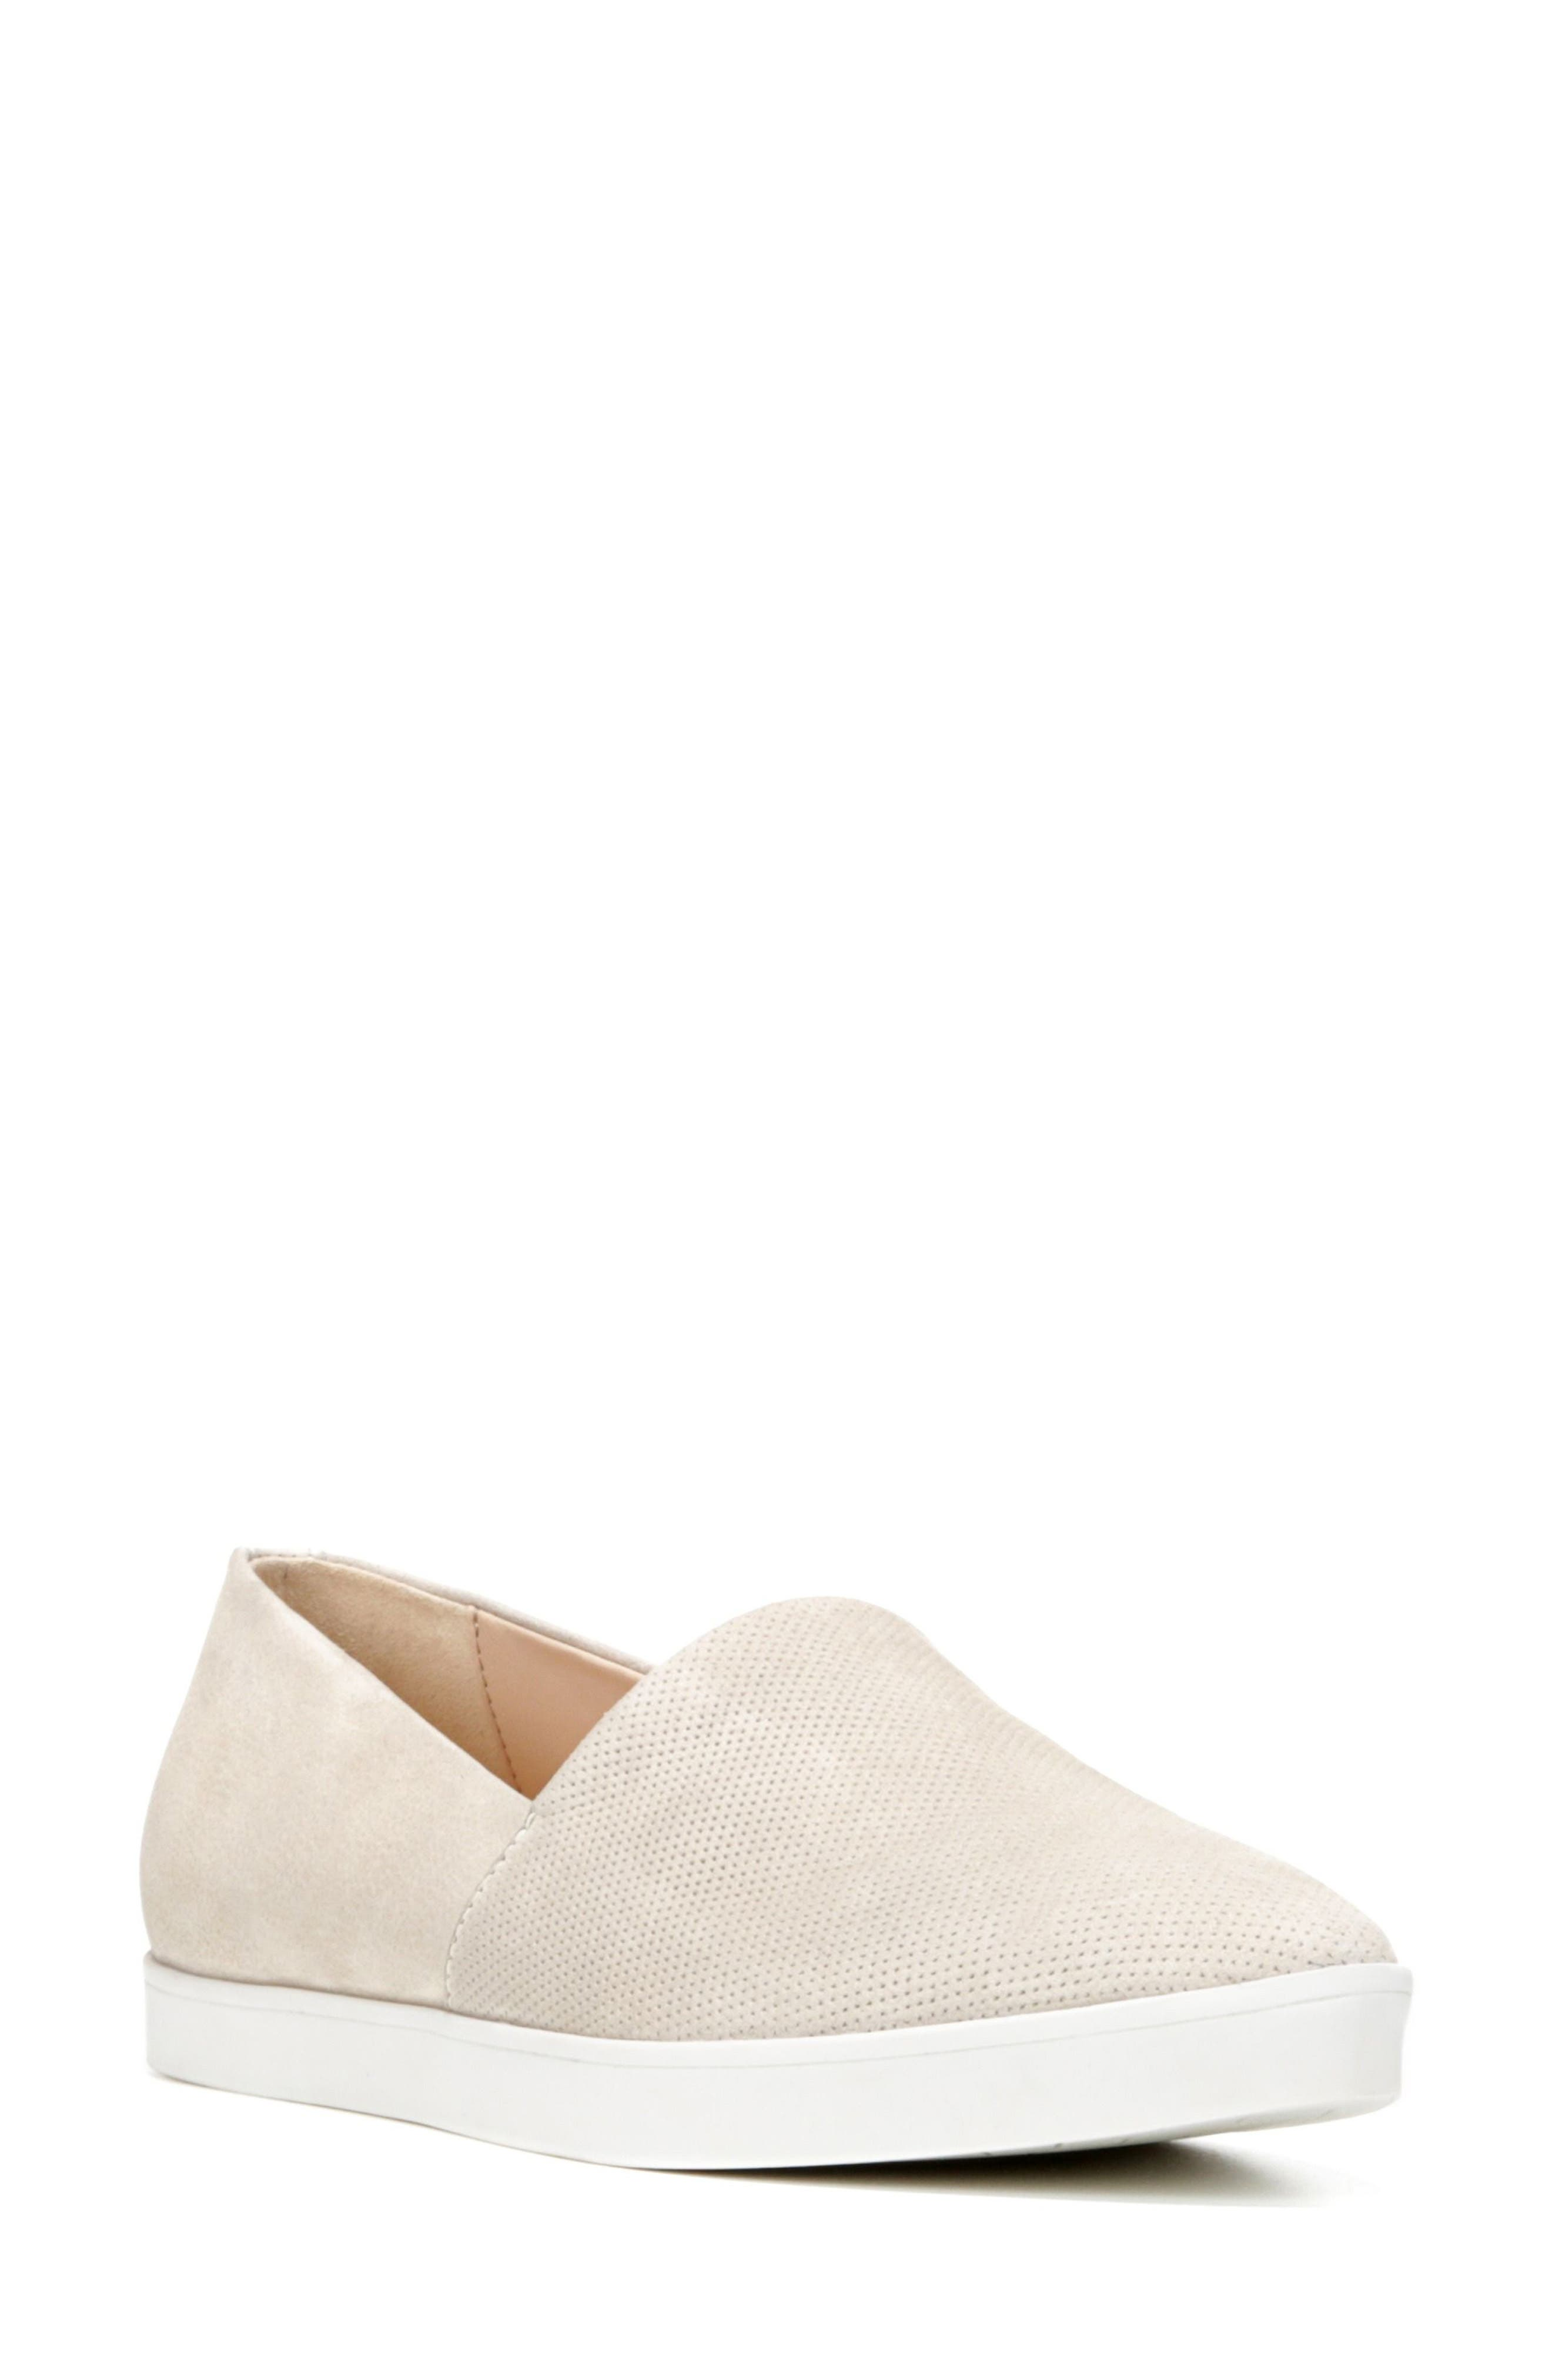 DR. SCHOLL'S 'Vienna' Slip-on Sneaker